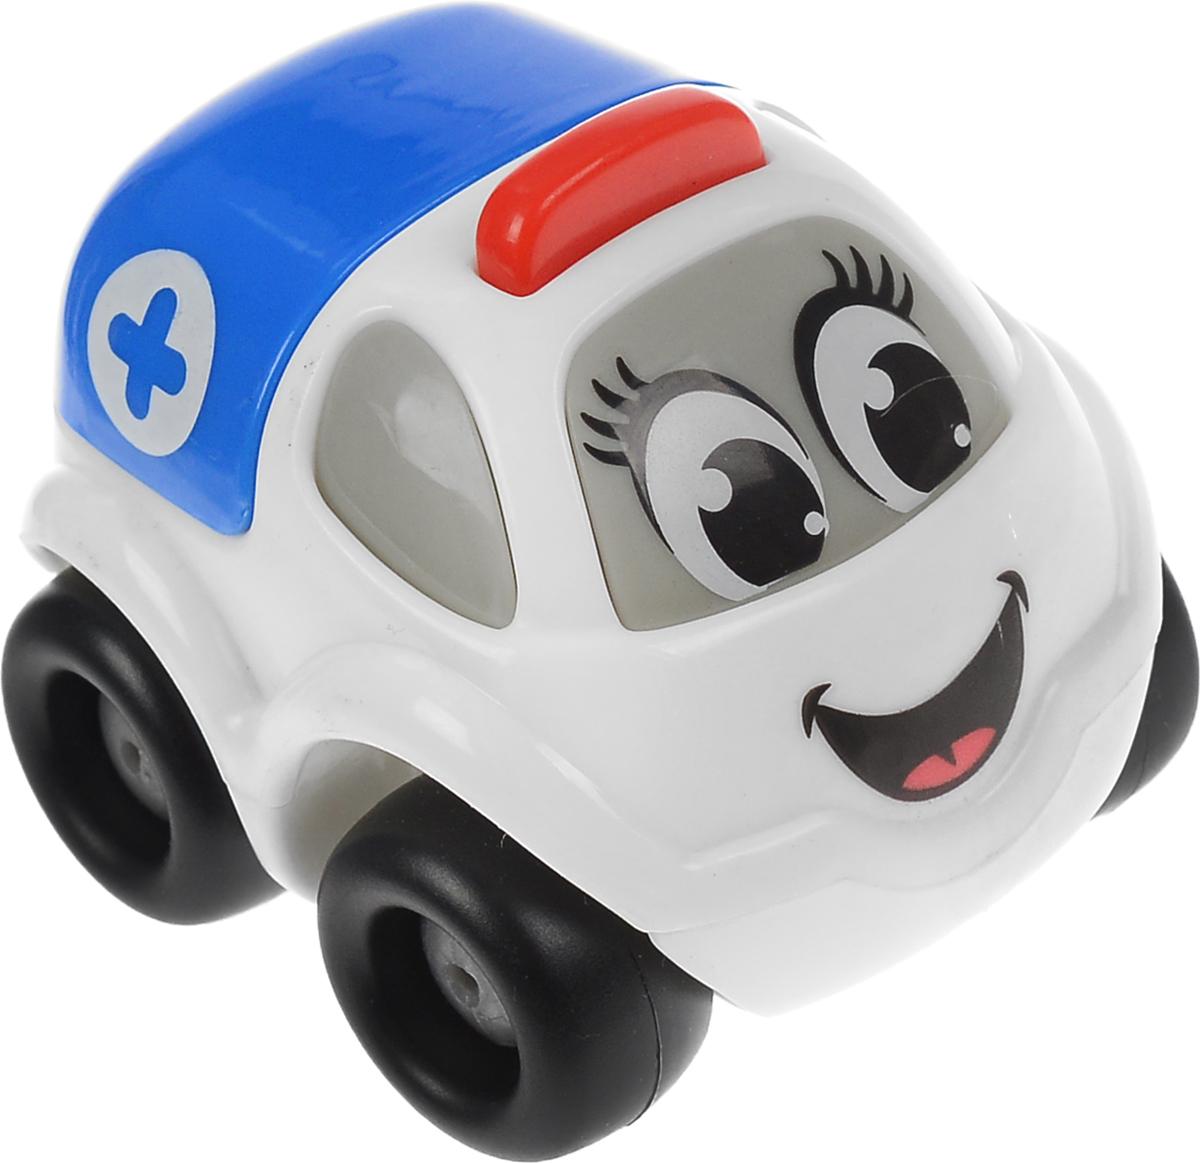 Smoby Машинка Vroom Planet цвет белый синий211257Машинка Smoby Vroom Planet обязательно понравится вашему ребенку и надолго увлечет его. Игрушка выполнена из прочного пластика и не имеет острых углов, что делает игру с ней безопасной. Колесики машинки вращаются, она великолепно скользит по любой гладкой поверхности. Автомобиль имеет свое профессиональное назначение, что придает особый интерес к игре. Небольшой размер игрушки позволит играть с ней даже самым маленьким детям. Игры с этой забавной машинкой развивают концентрацию внимания, координацию движений, мелкую и крупную моторику, цветовое восприятие и воображение. УВАЖАЕМЫЕ КЛИЕНТЫ! Обращаем ваше внимание на возможные изменения в цветовом дизайне, связанные с ассортиментом продукции. Поставка осуществляется в зависимости от наличия на складе.